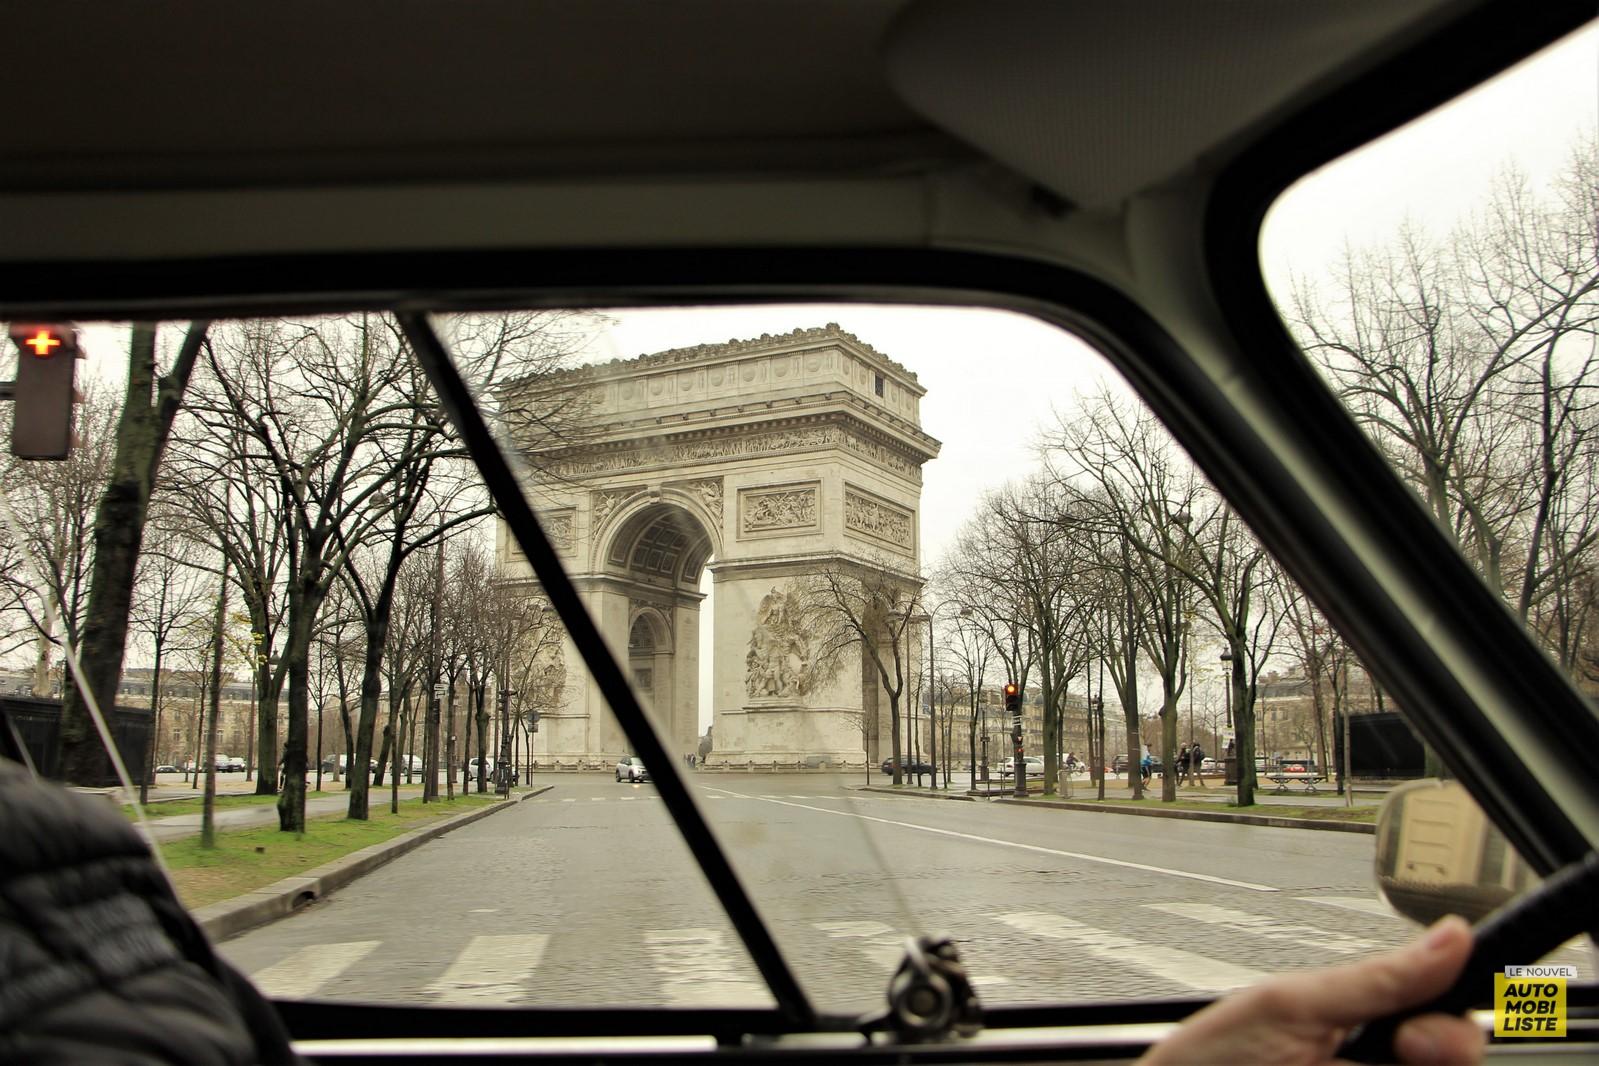 Traversee de Paris LNA Thibaut Dumoulin 26